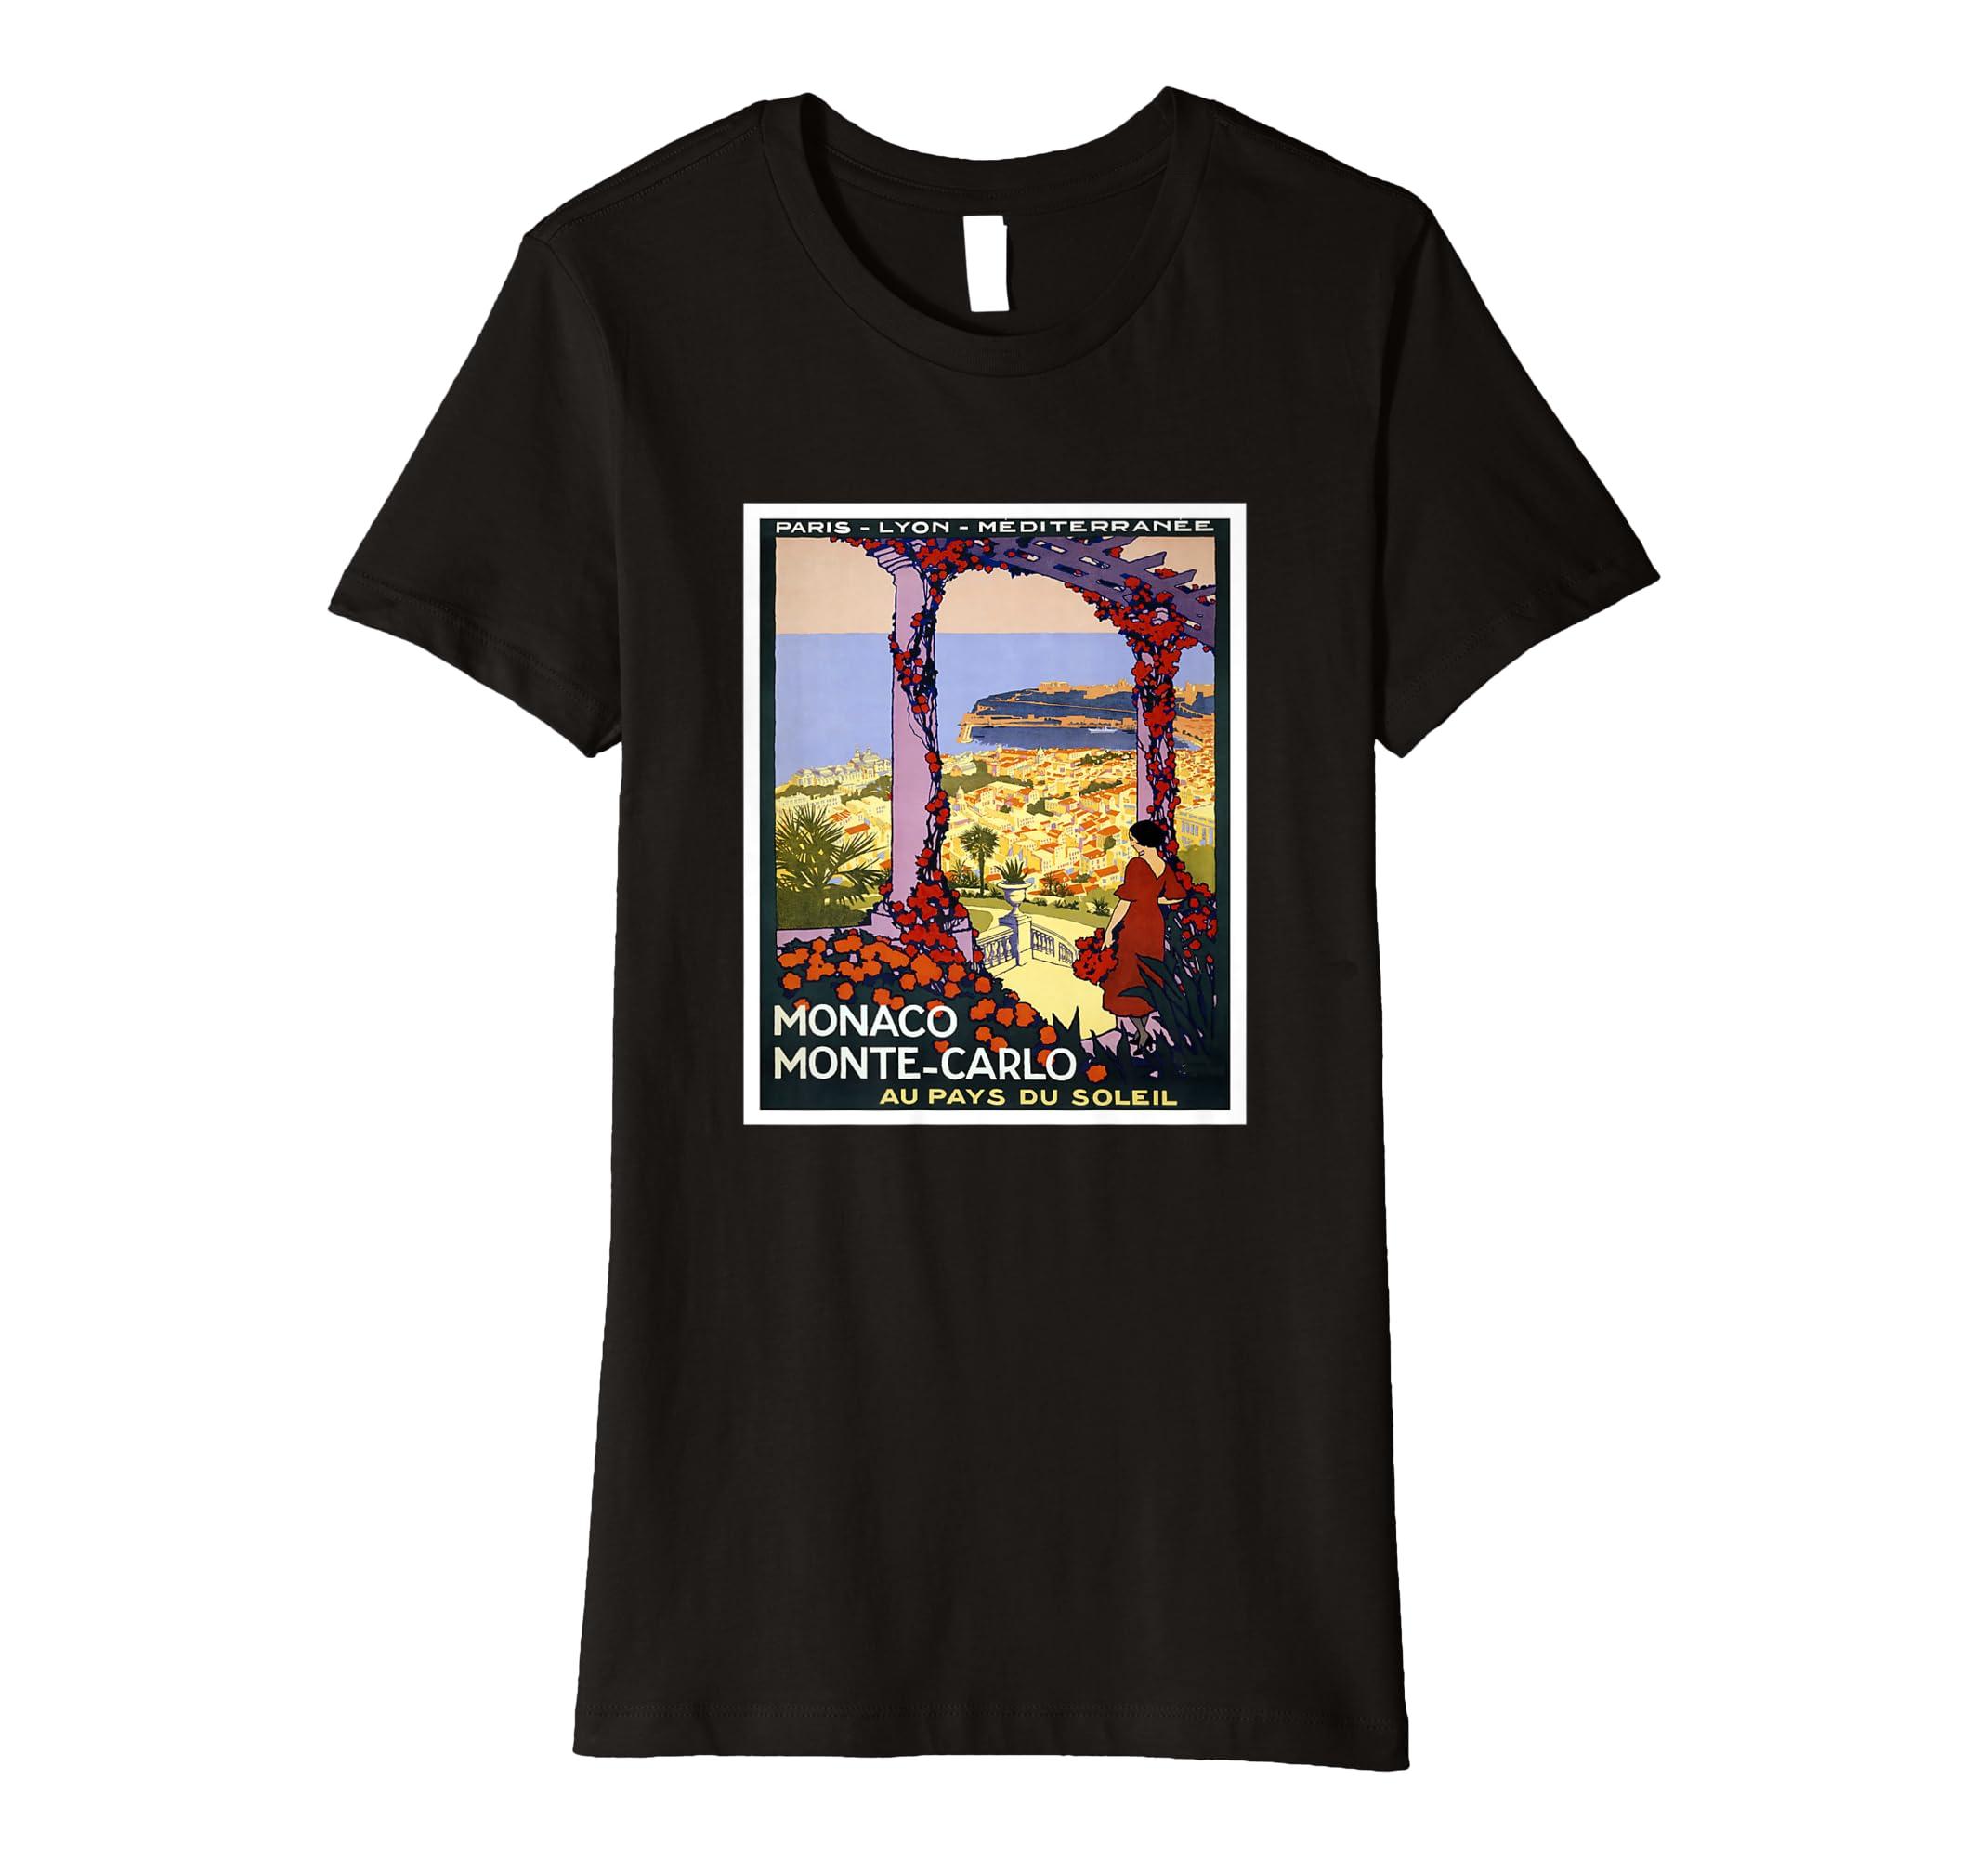 00fe3b9f974cda Amazon.com: Monaco Monte-Carlo T Shirt: Clothing